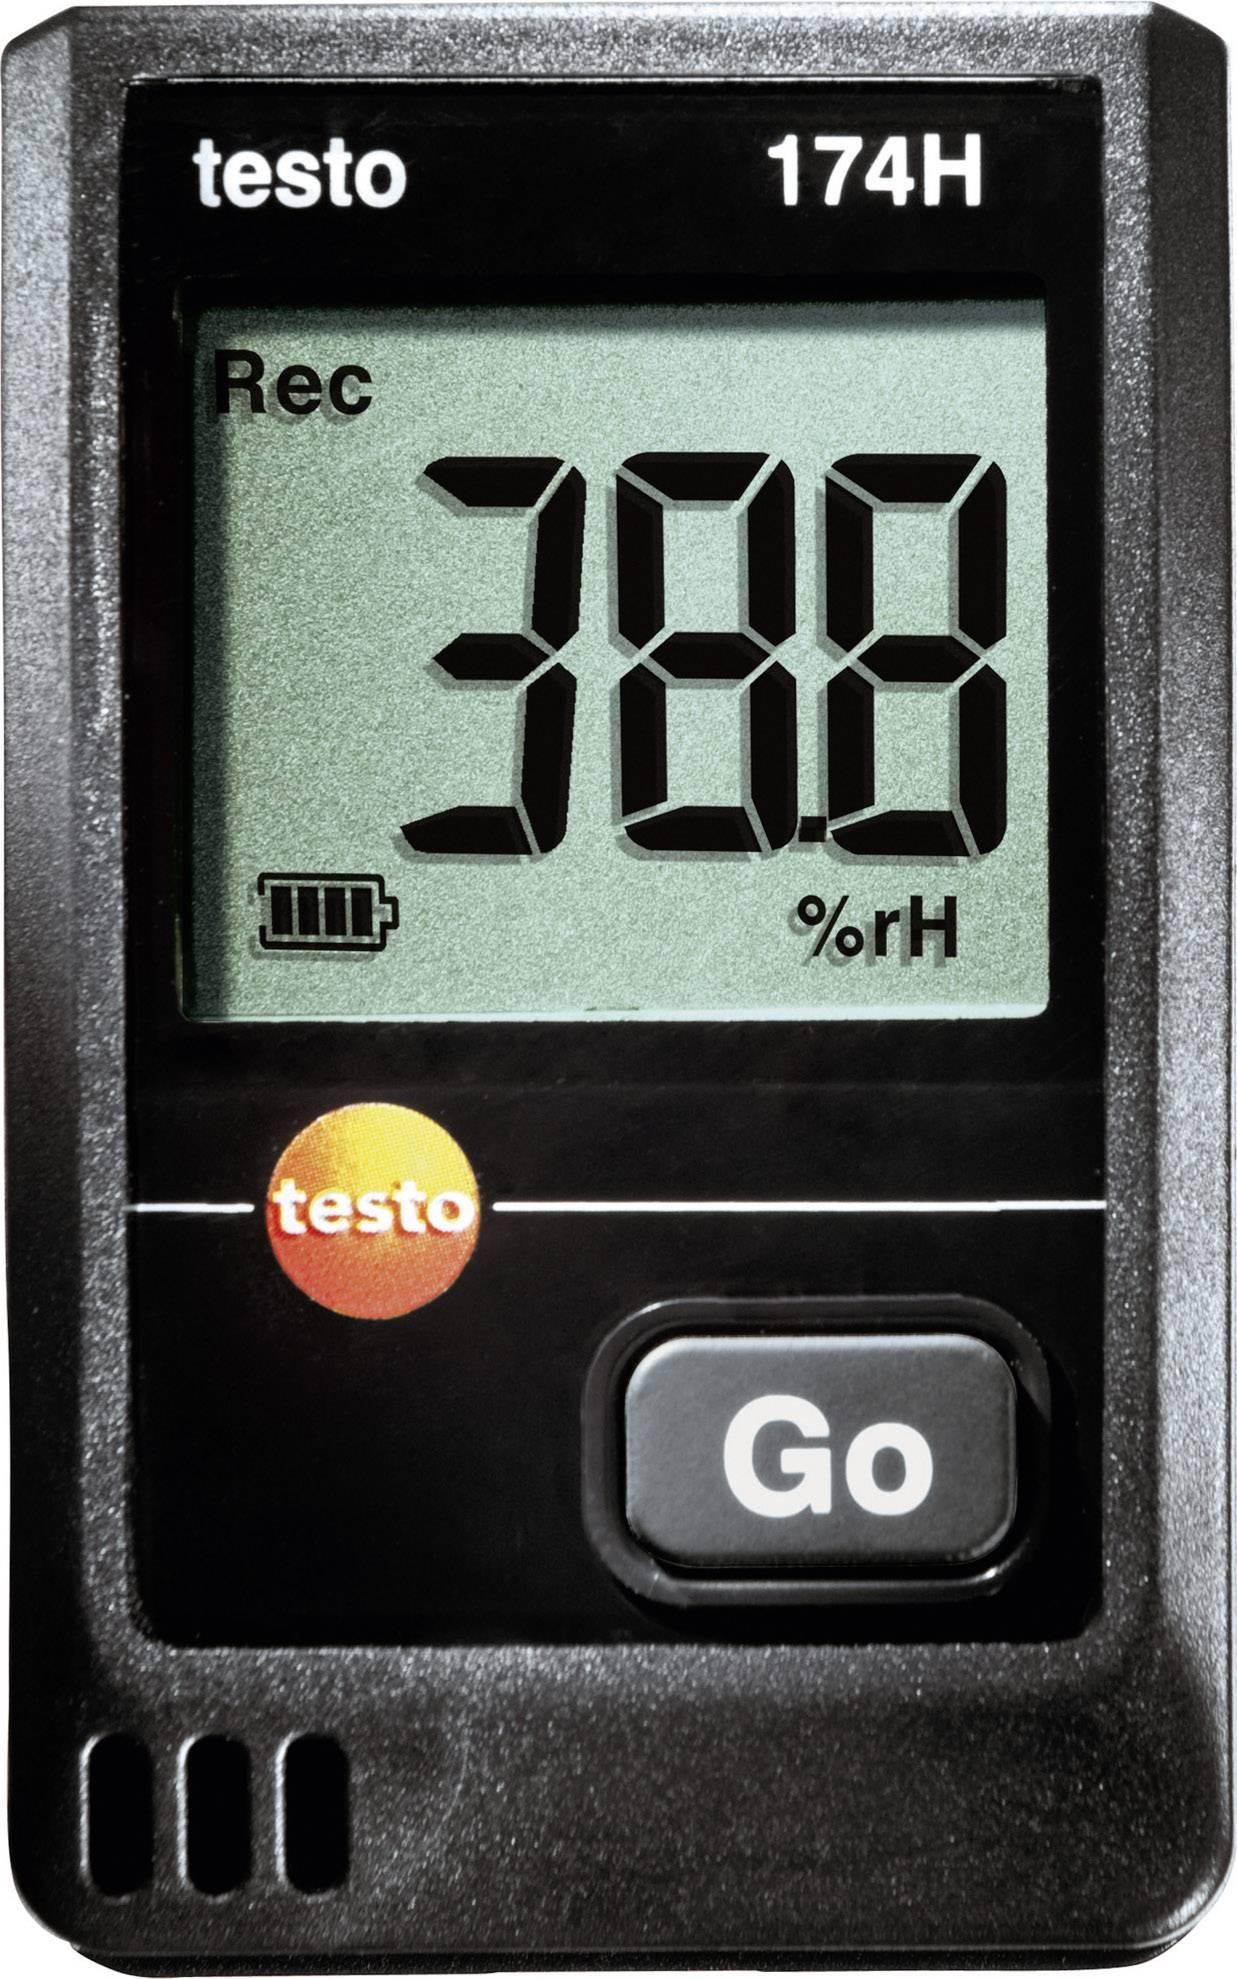 Teplotný datalogger testo 174H, -20 až +70 °C